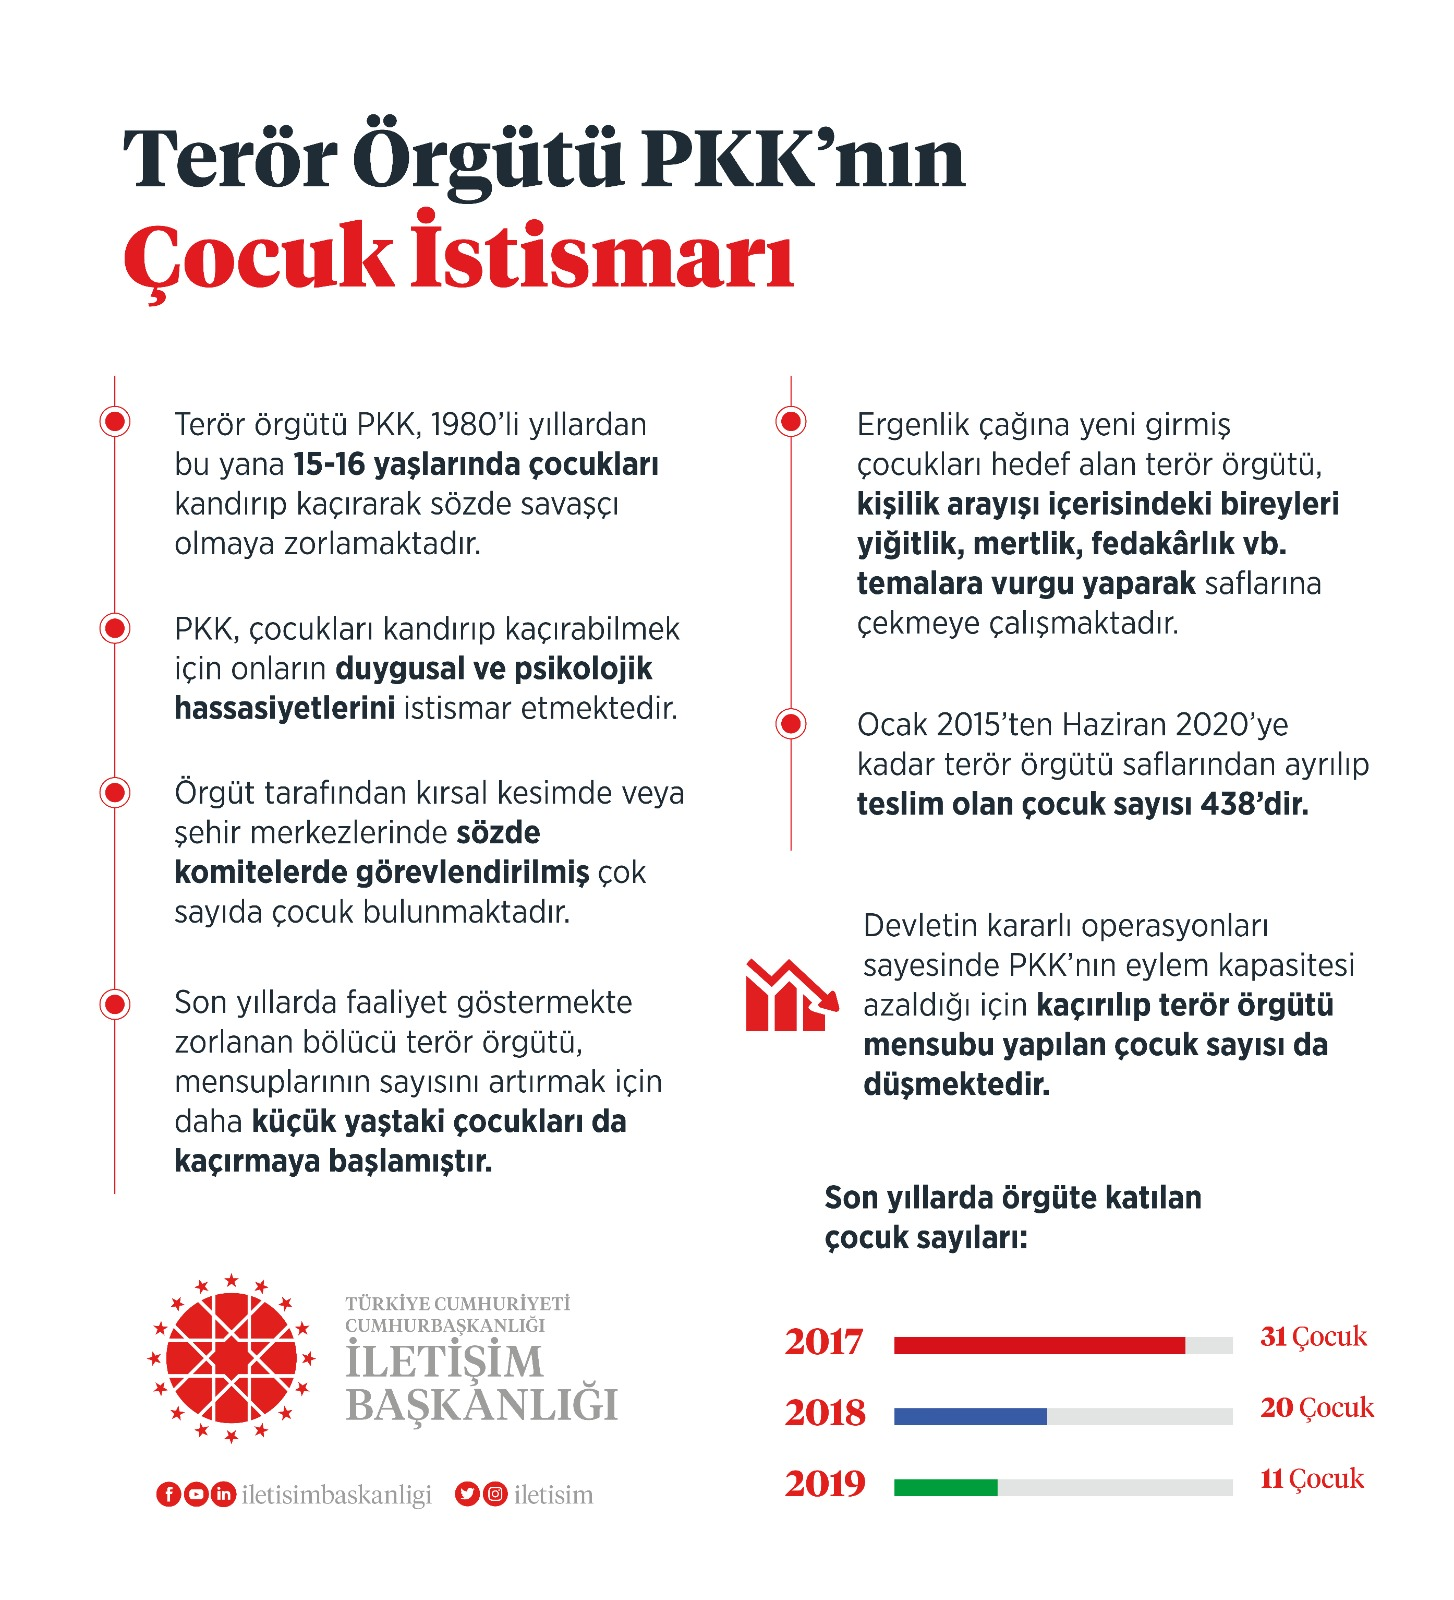 Terör örgütü PKK'nın çocuk istismarı